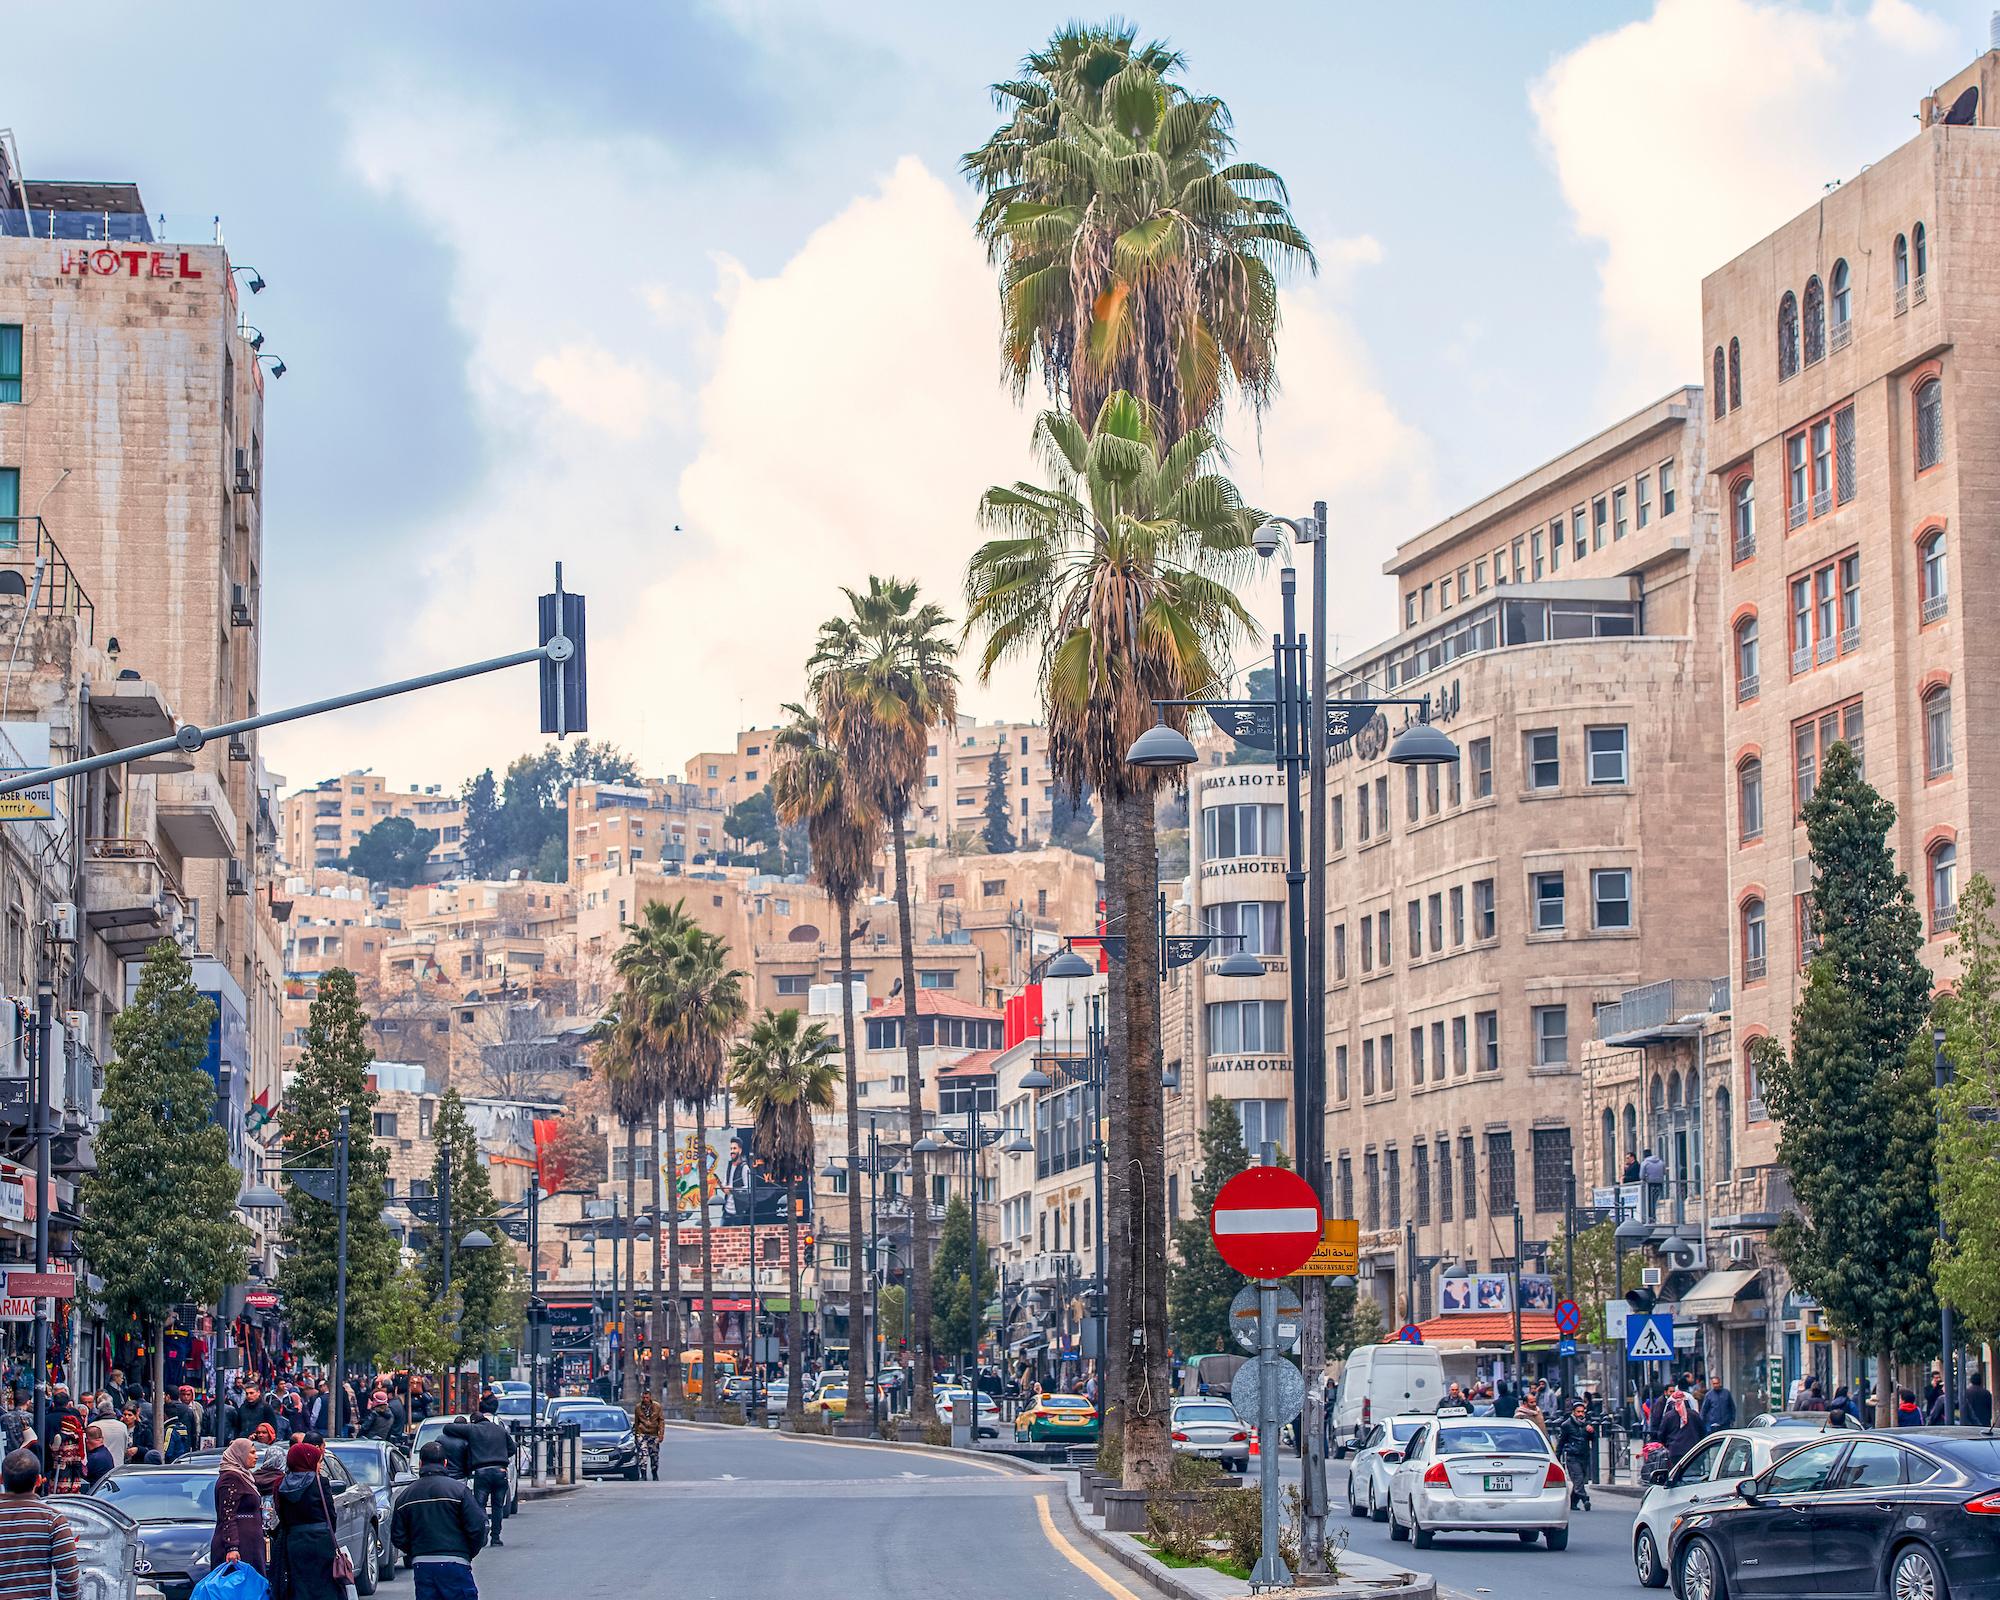 a street in Amman, Jordan